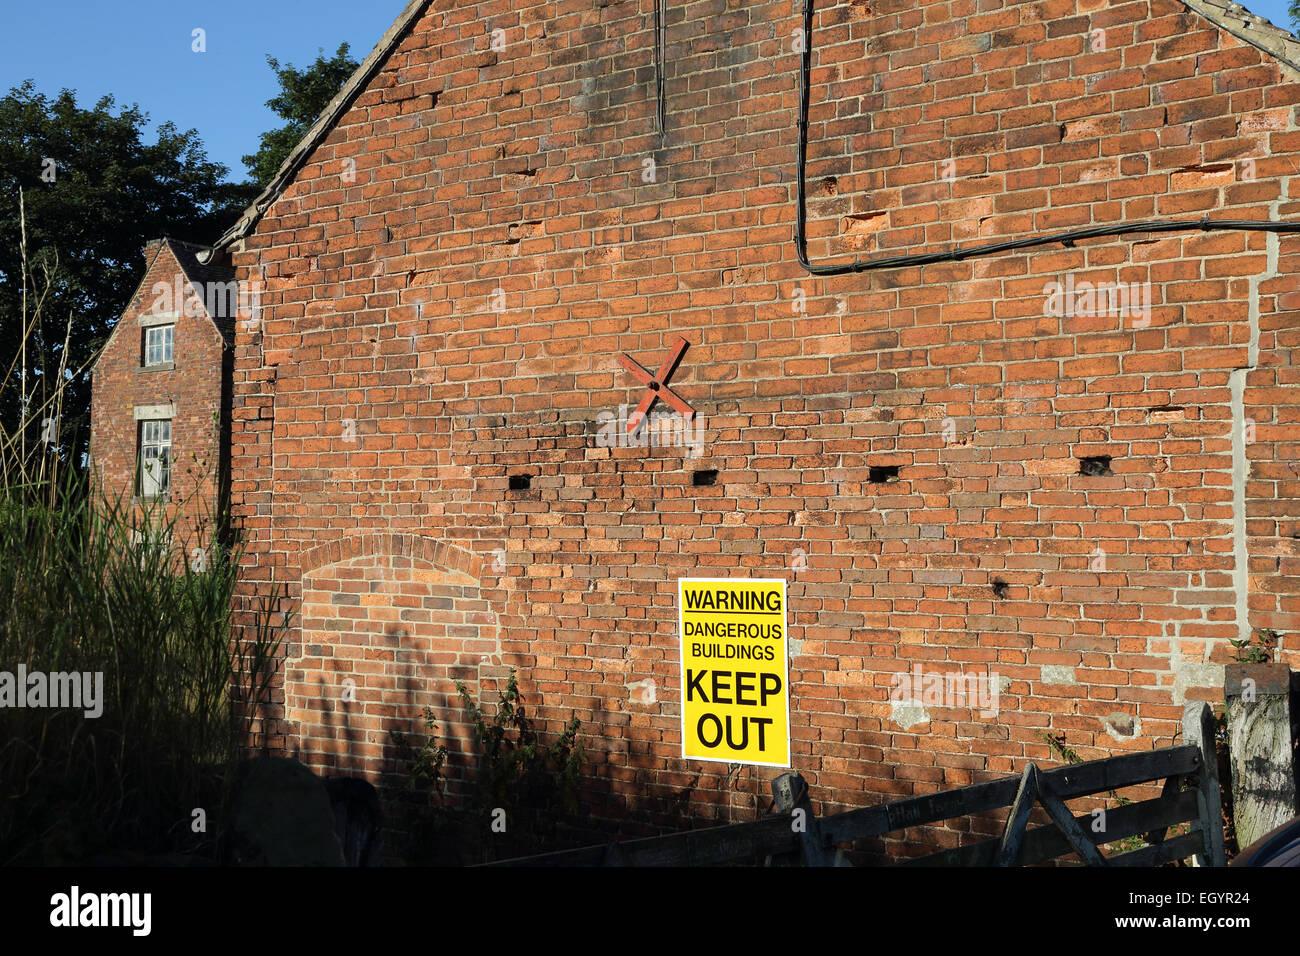 Avvertenza edifici pericolosi Tenere fuori segno sulla costruzione Immagini Stock